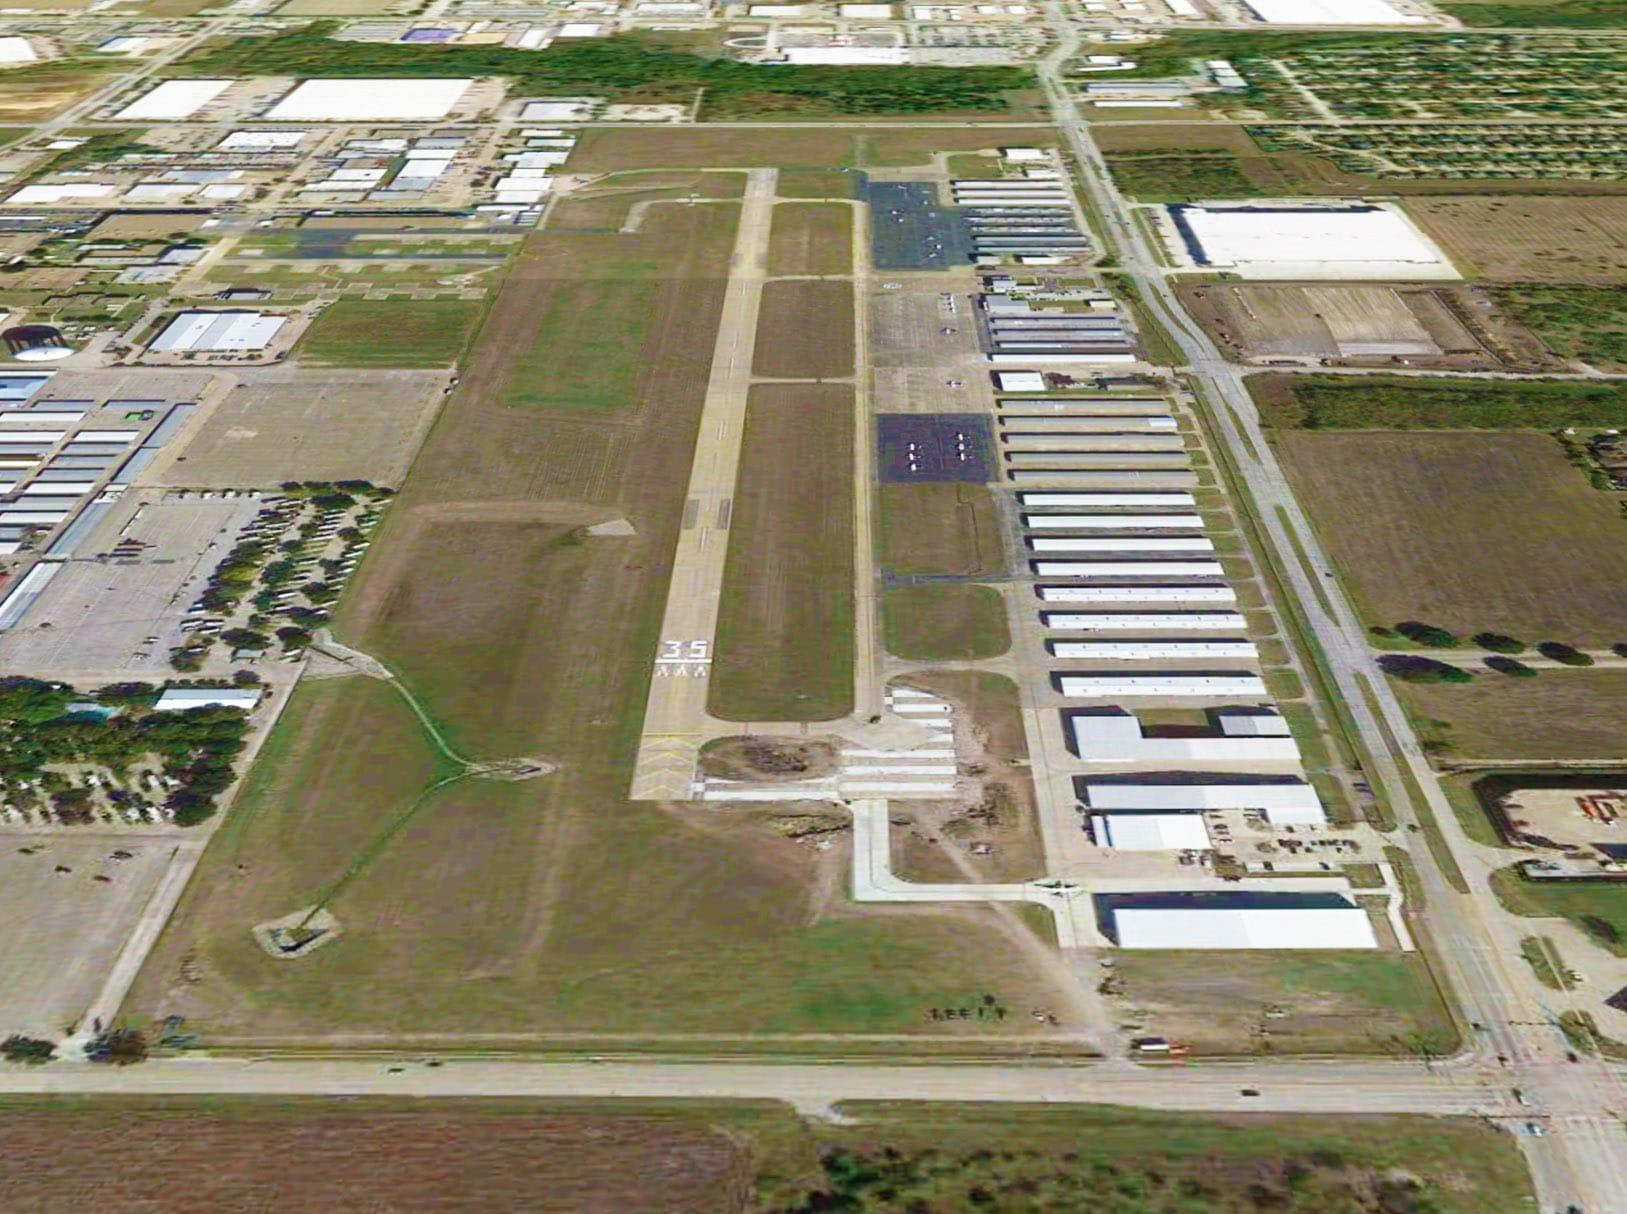 Grand Prairie airport paving